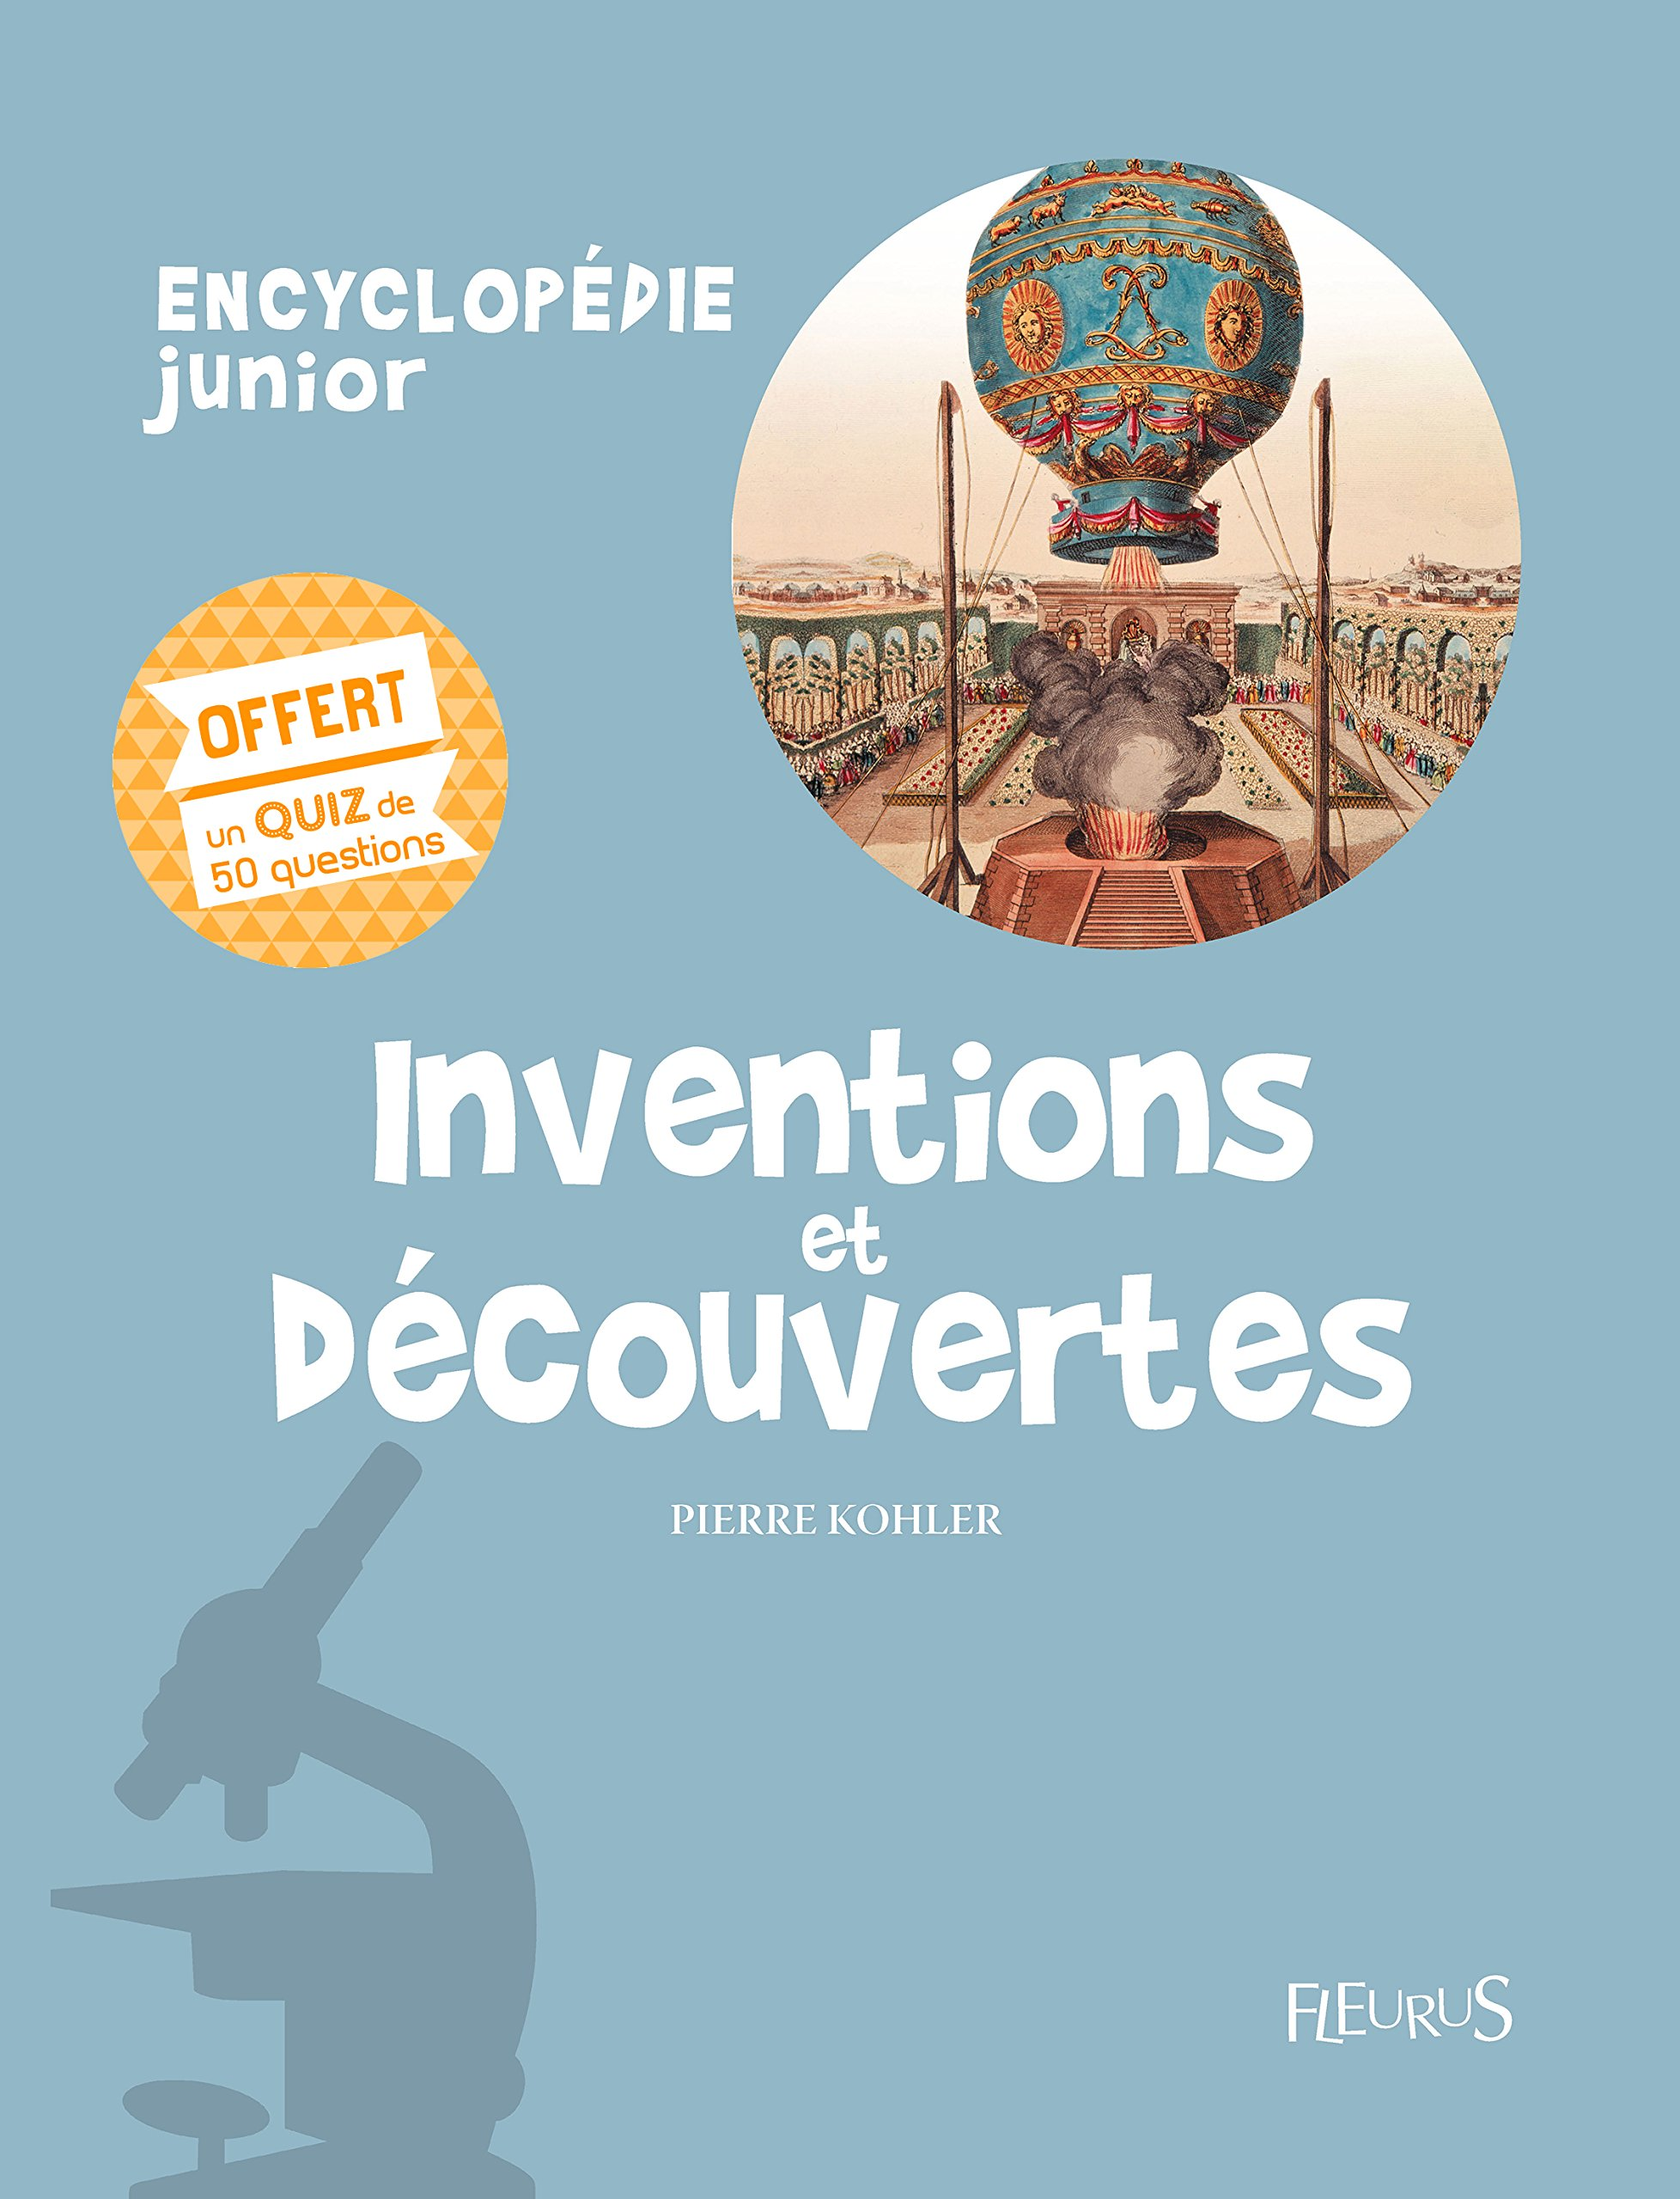 Inventions juniorquiz et découvertesEncyclopédie juniorquiz et juniorquiz découvertesEncyclopédie et découvertesEncyclopédie Inventions Inventions nvw0mN8